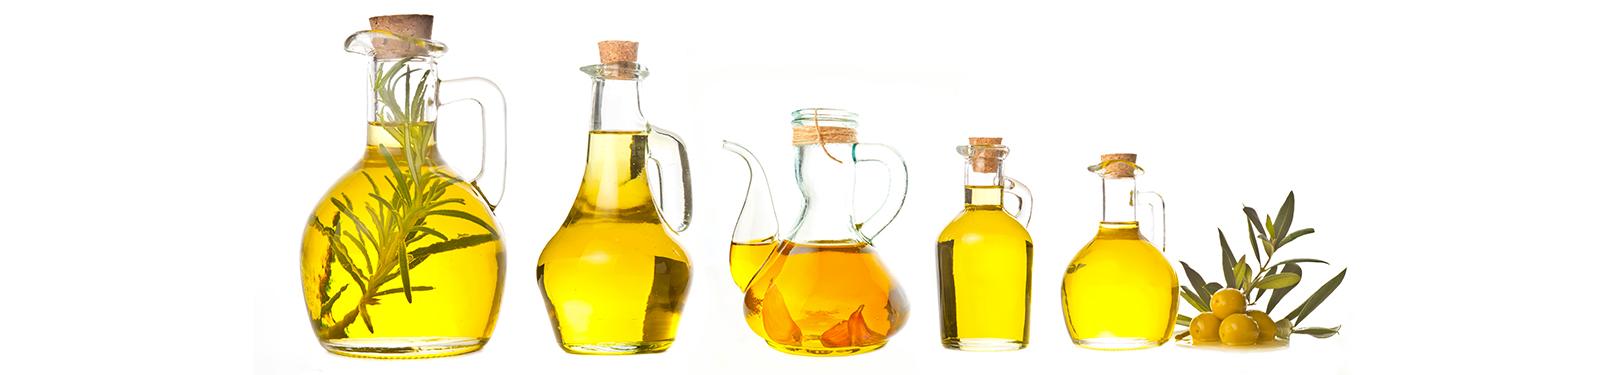 Bouteilles ouvragées d'huiles